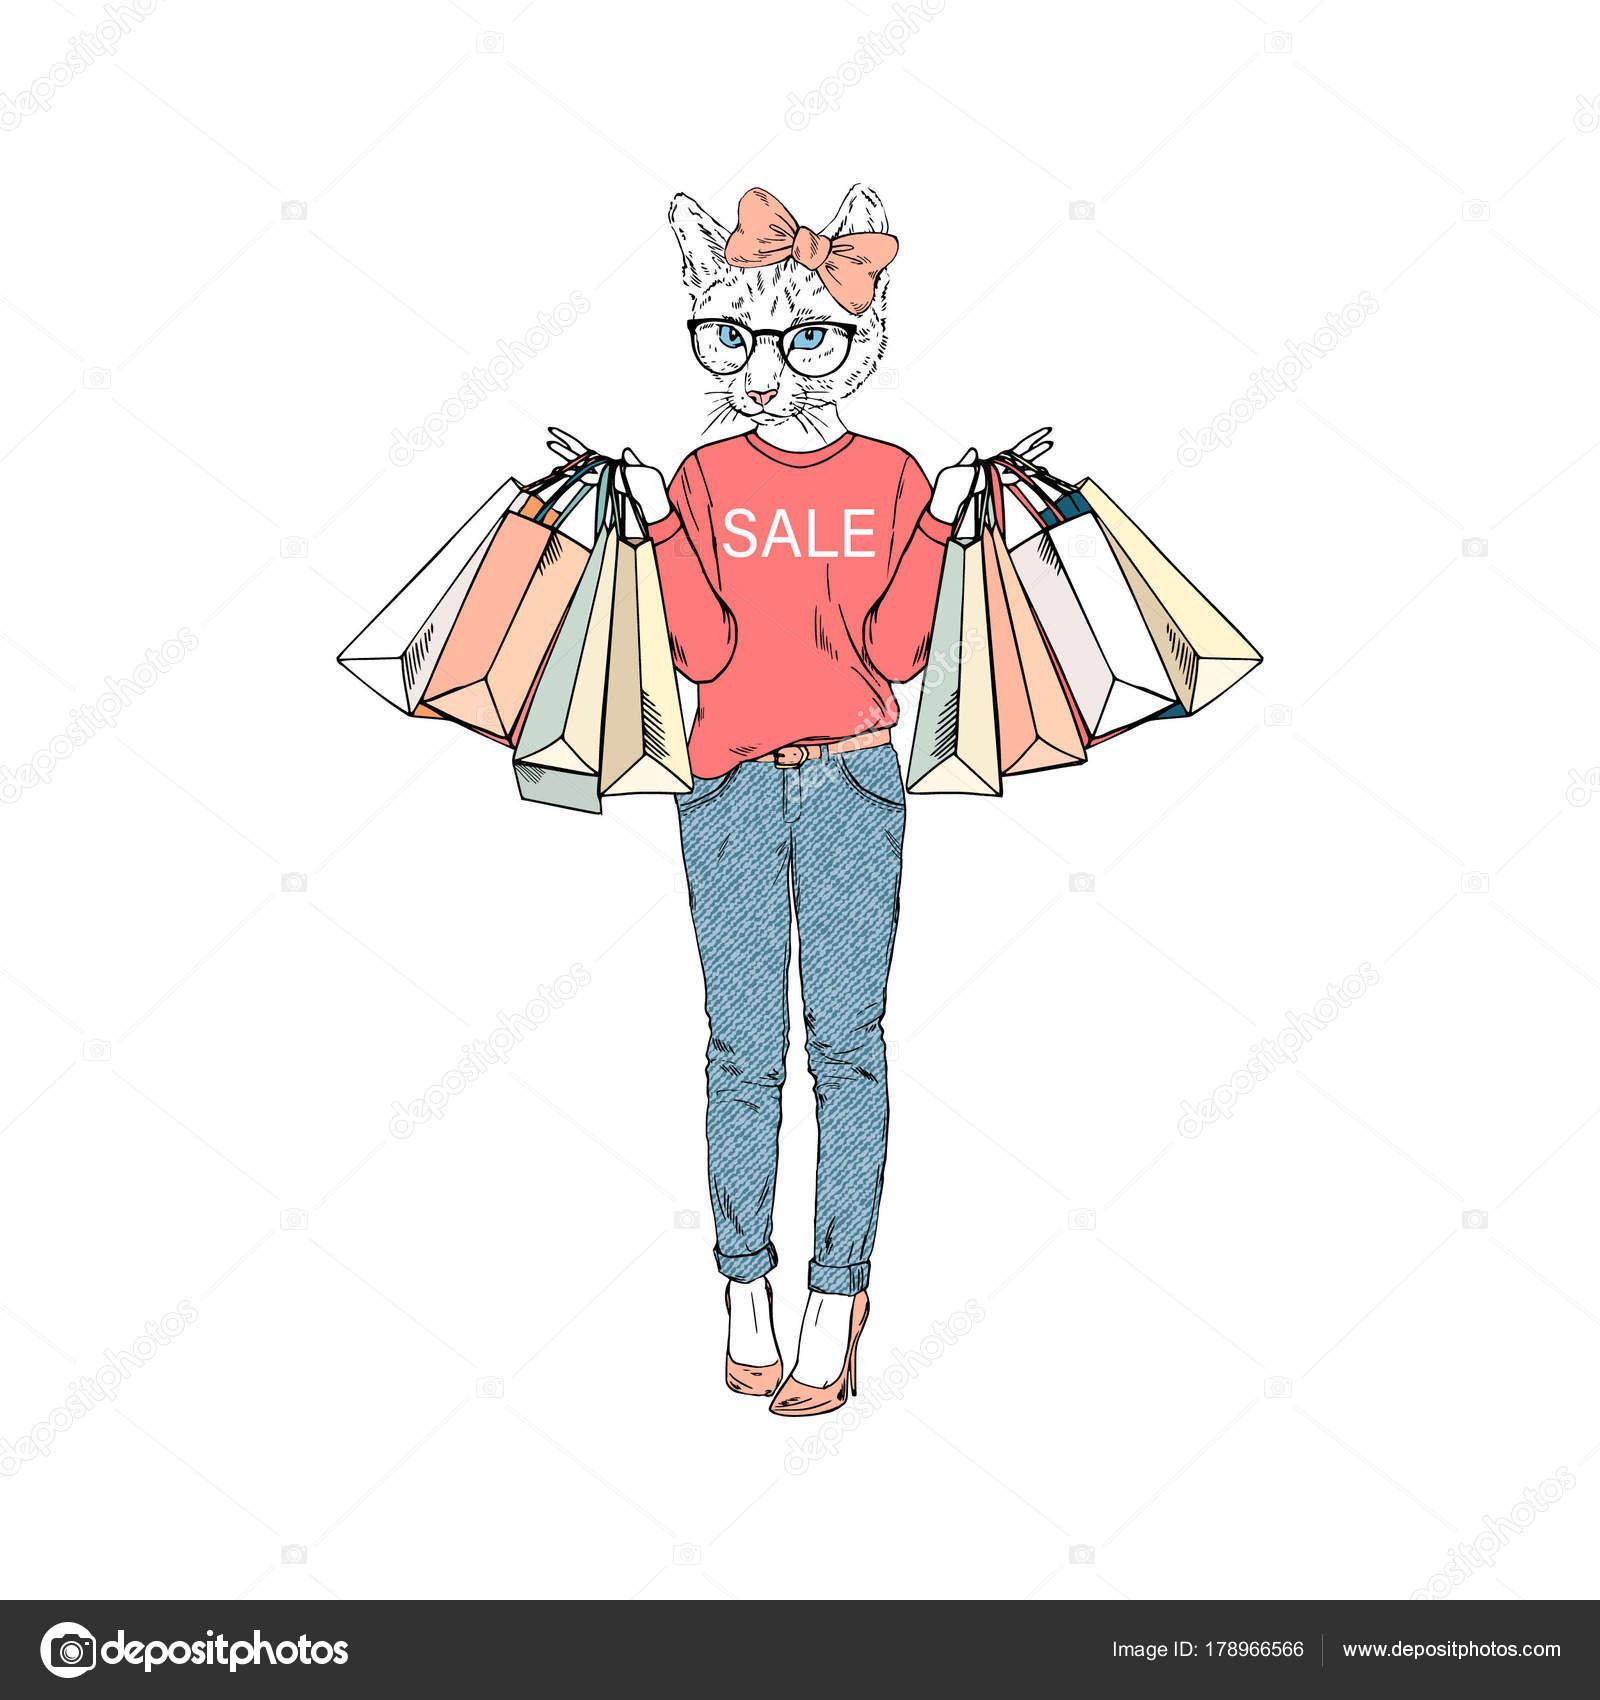 ショッピング バッグ 擬人化された動物のイラストでかわいい雌猫